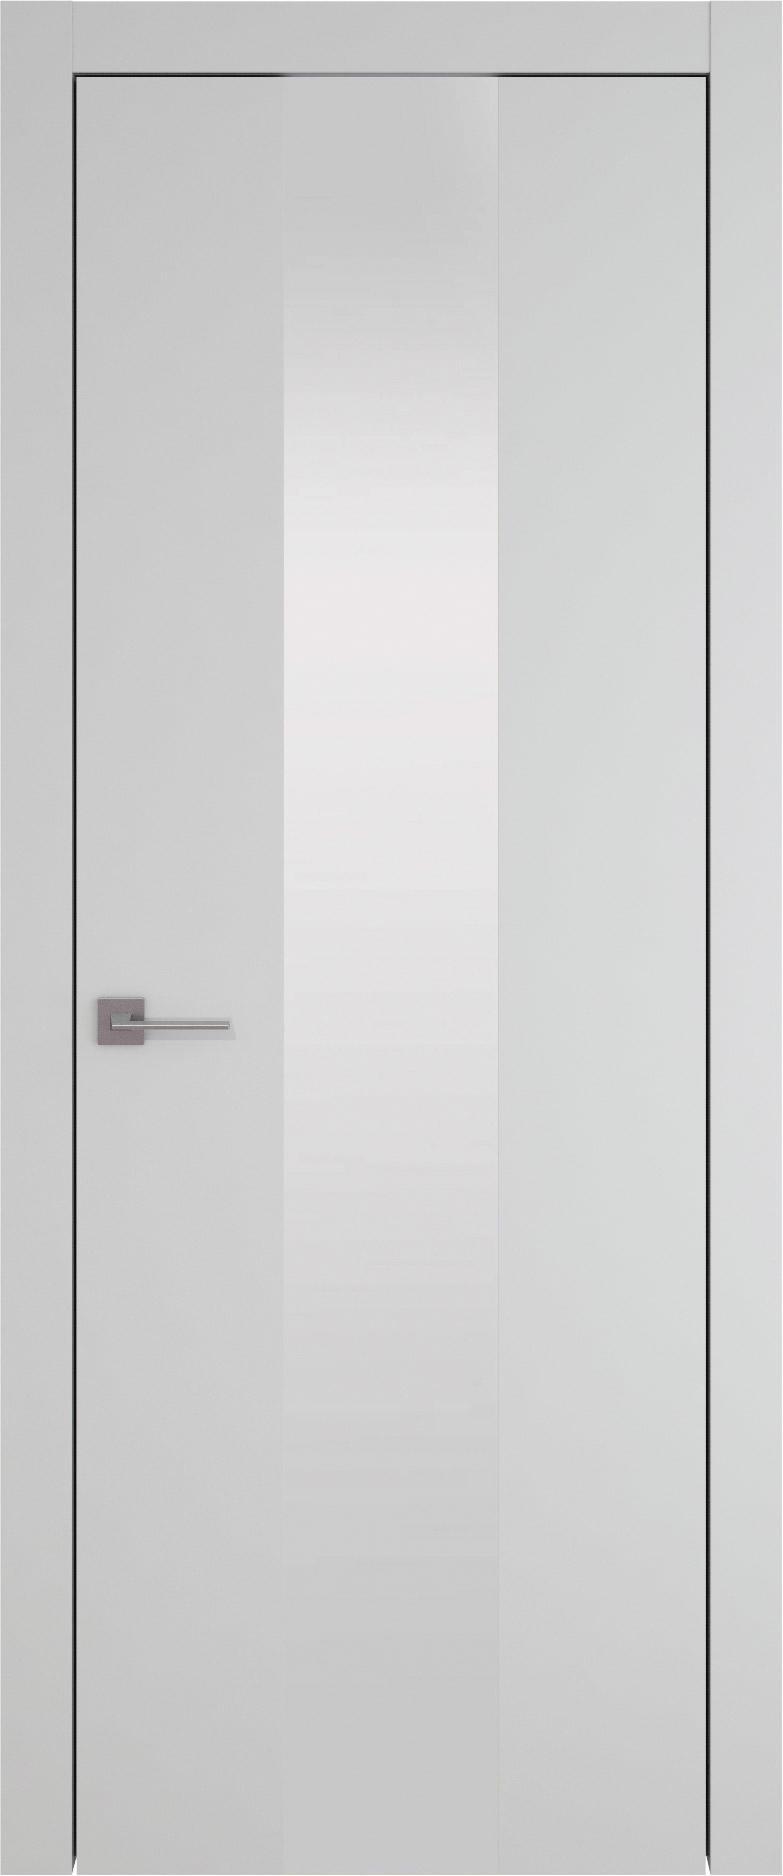 Tivoli Ж-1 цвет - Серая эмаль (RAL 7047) Со стеклом (ДО)